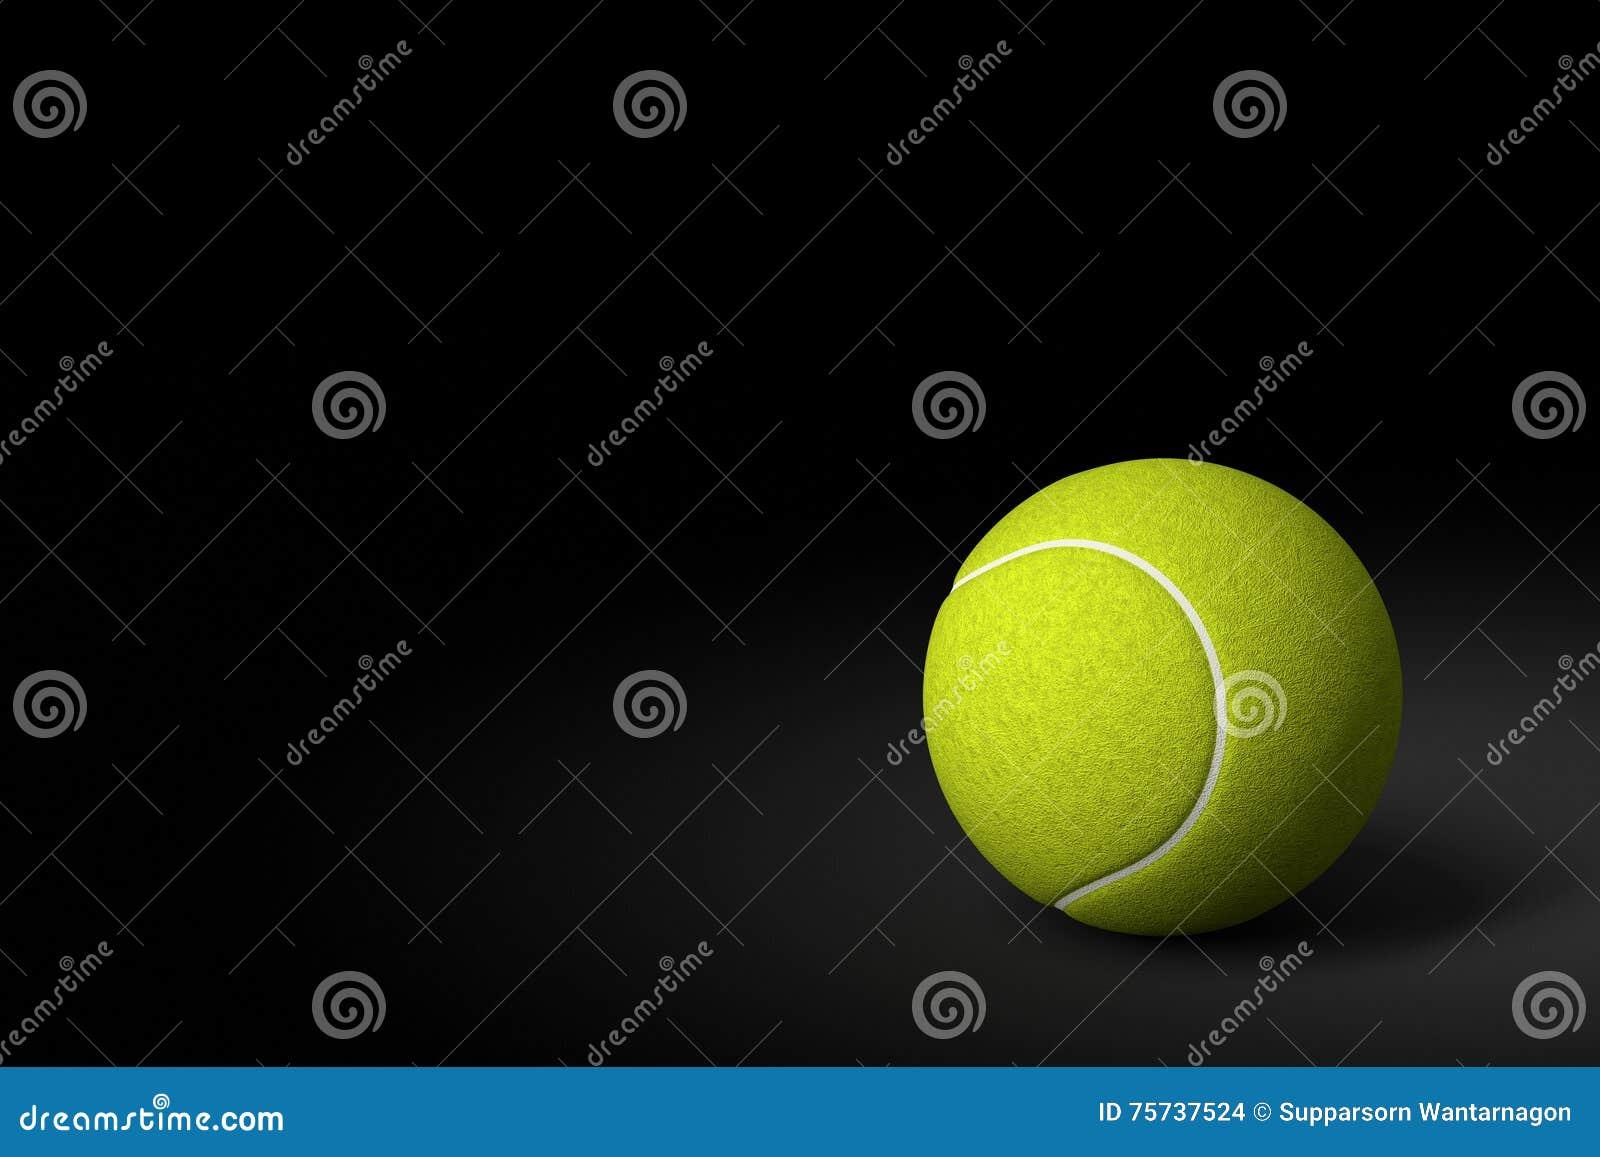 Tenis pelota stock de ilustracion ilustracion libre de stock de - Pelota De Tenis En El Fondo Negro Representaci N 3d